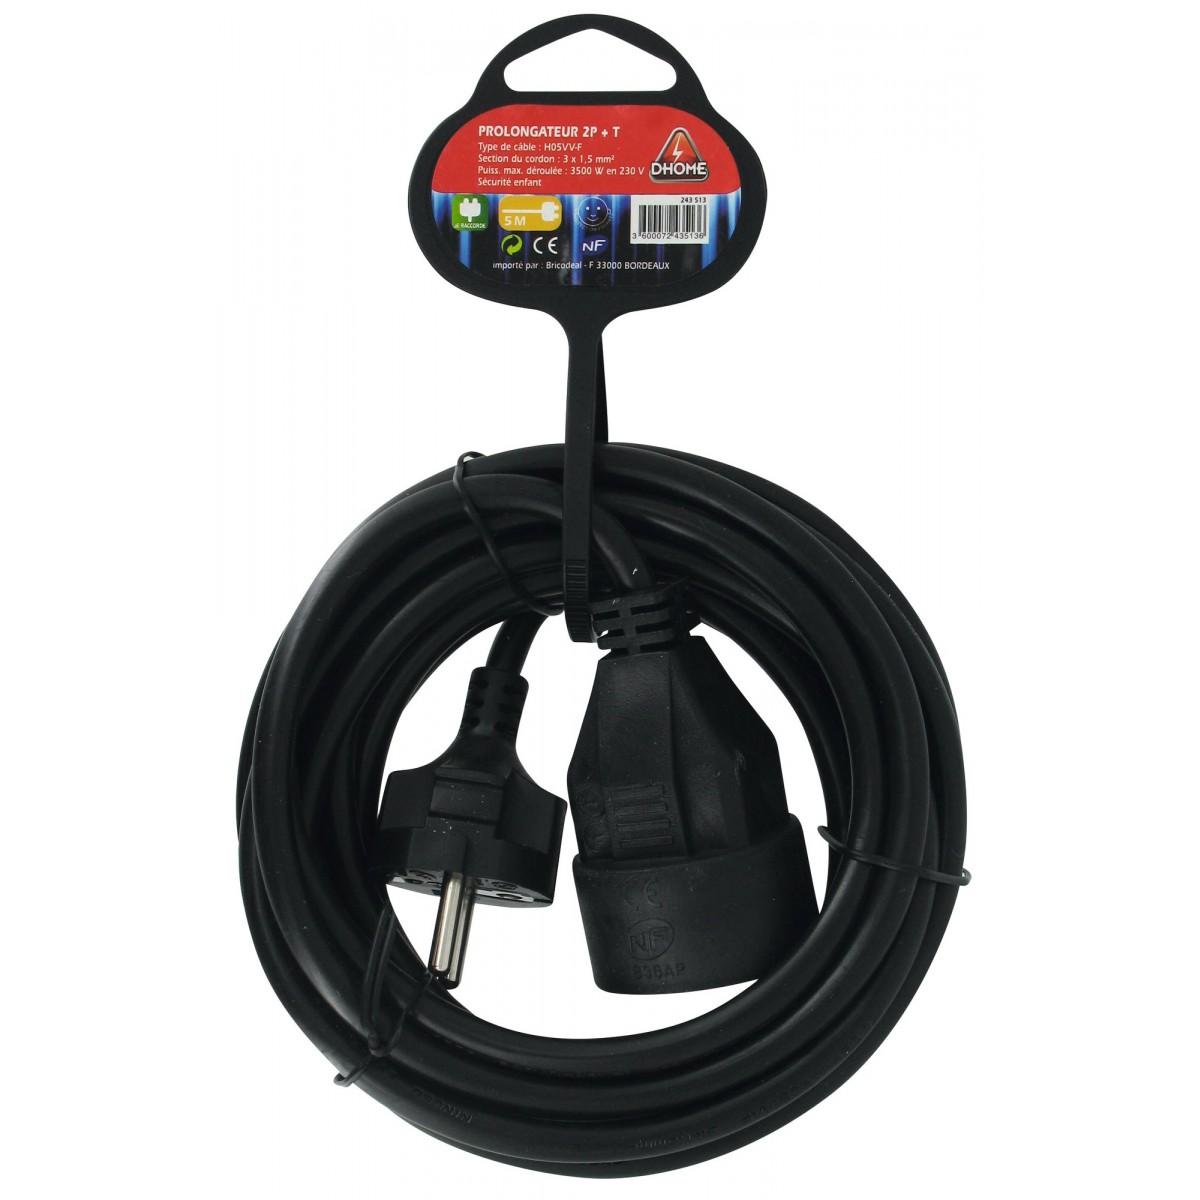 Prolongateur câble souple noir Dhome - H05 VV-F - Longueur 5 m - Section 1,5 mm²